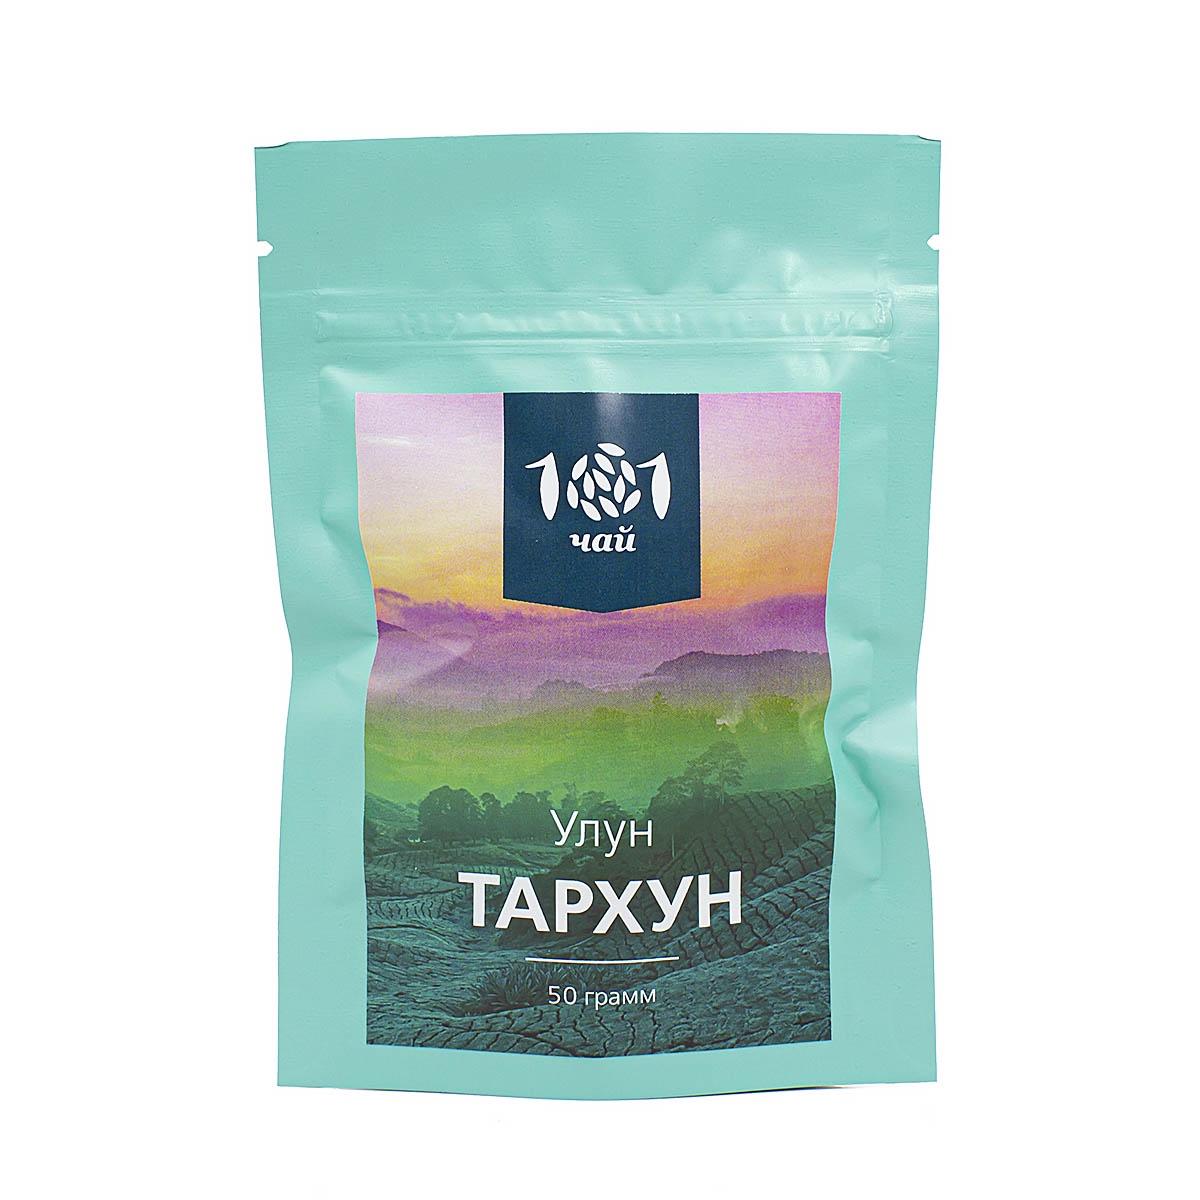 Чай листовой 101 чай ароматизированный улун Тархун, 50 г ароматизированный улун тархун 50 г